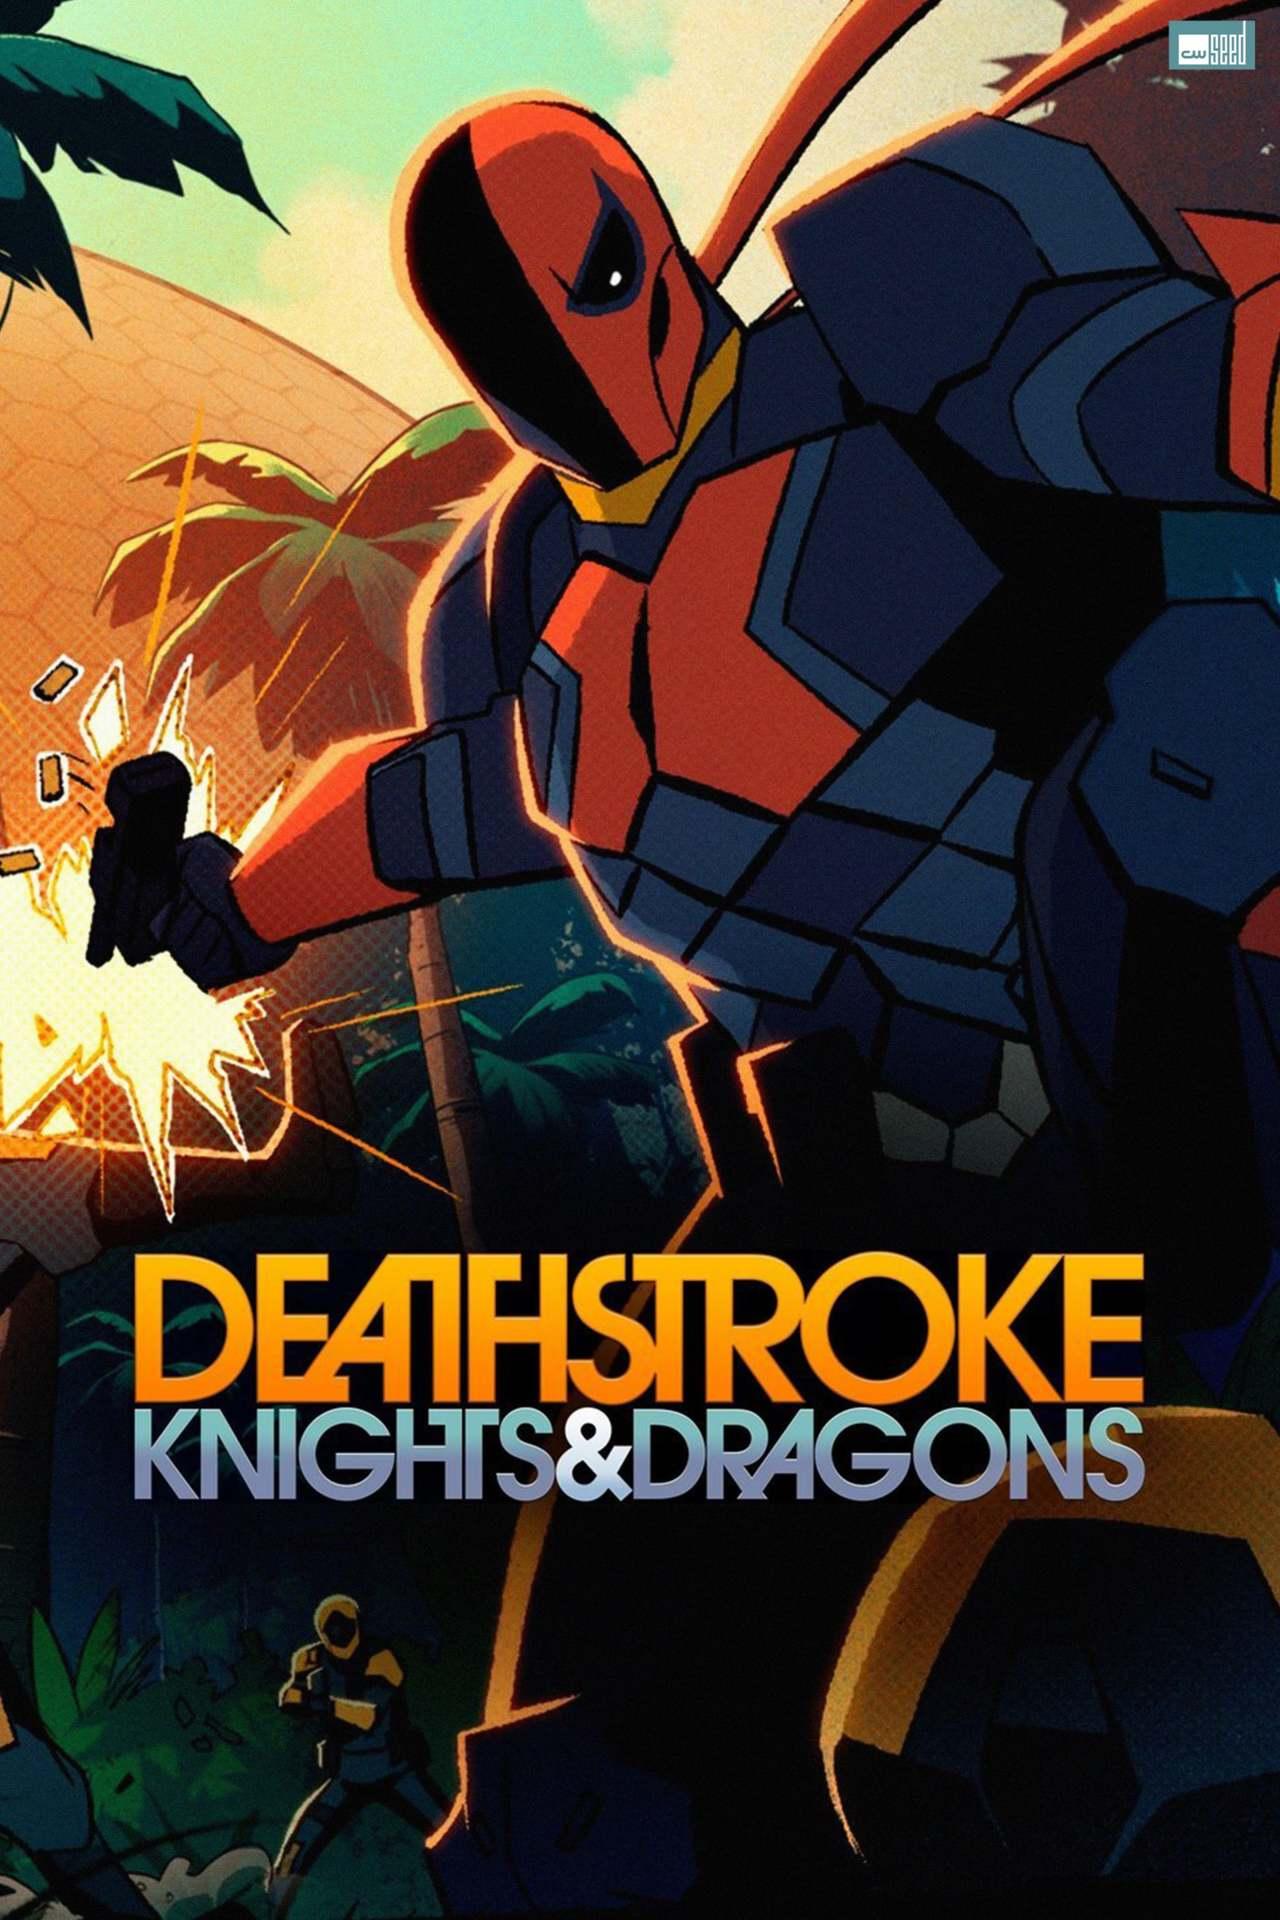 Постер фильма Детстроук: Рыцари и Драконы Deathstroke: Knights & Dragons 2020